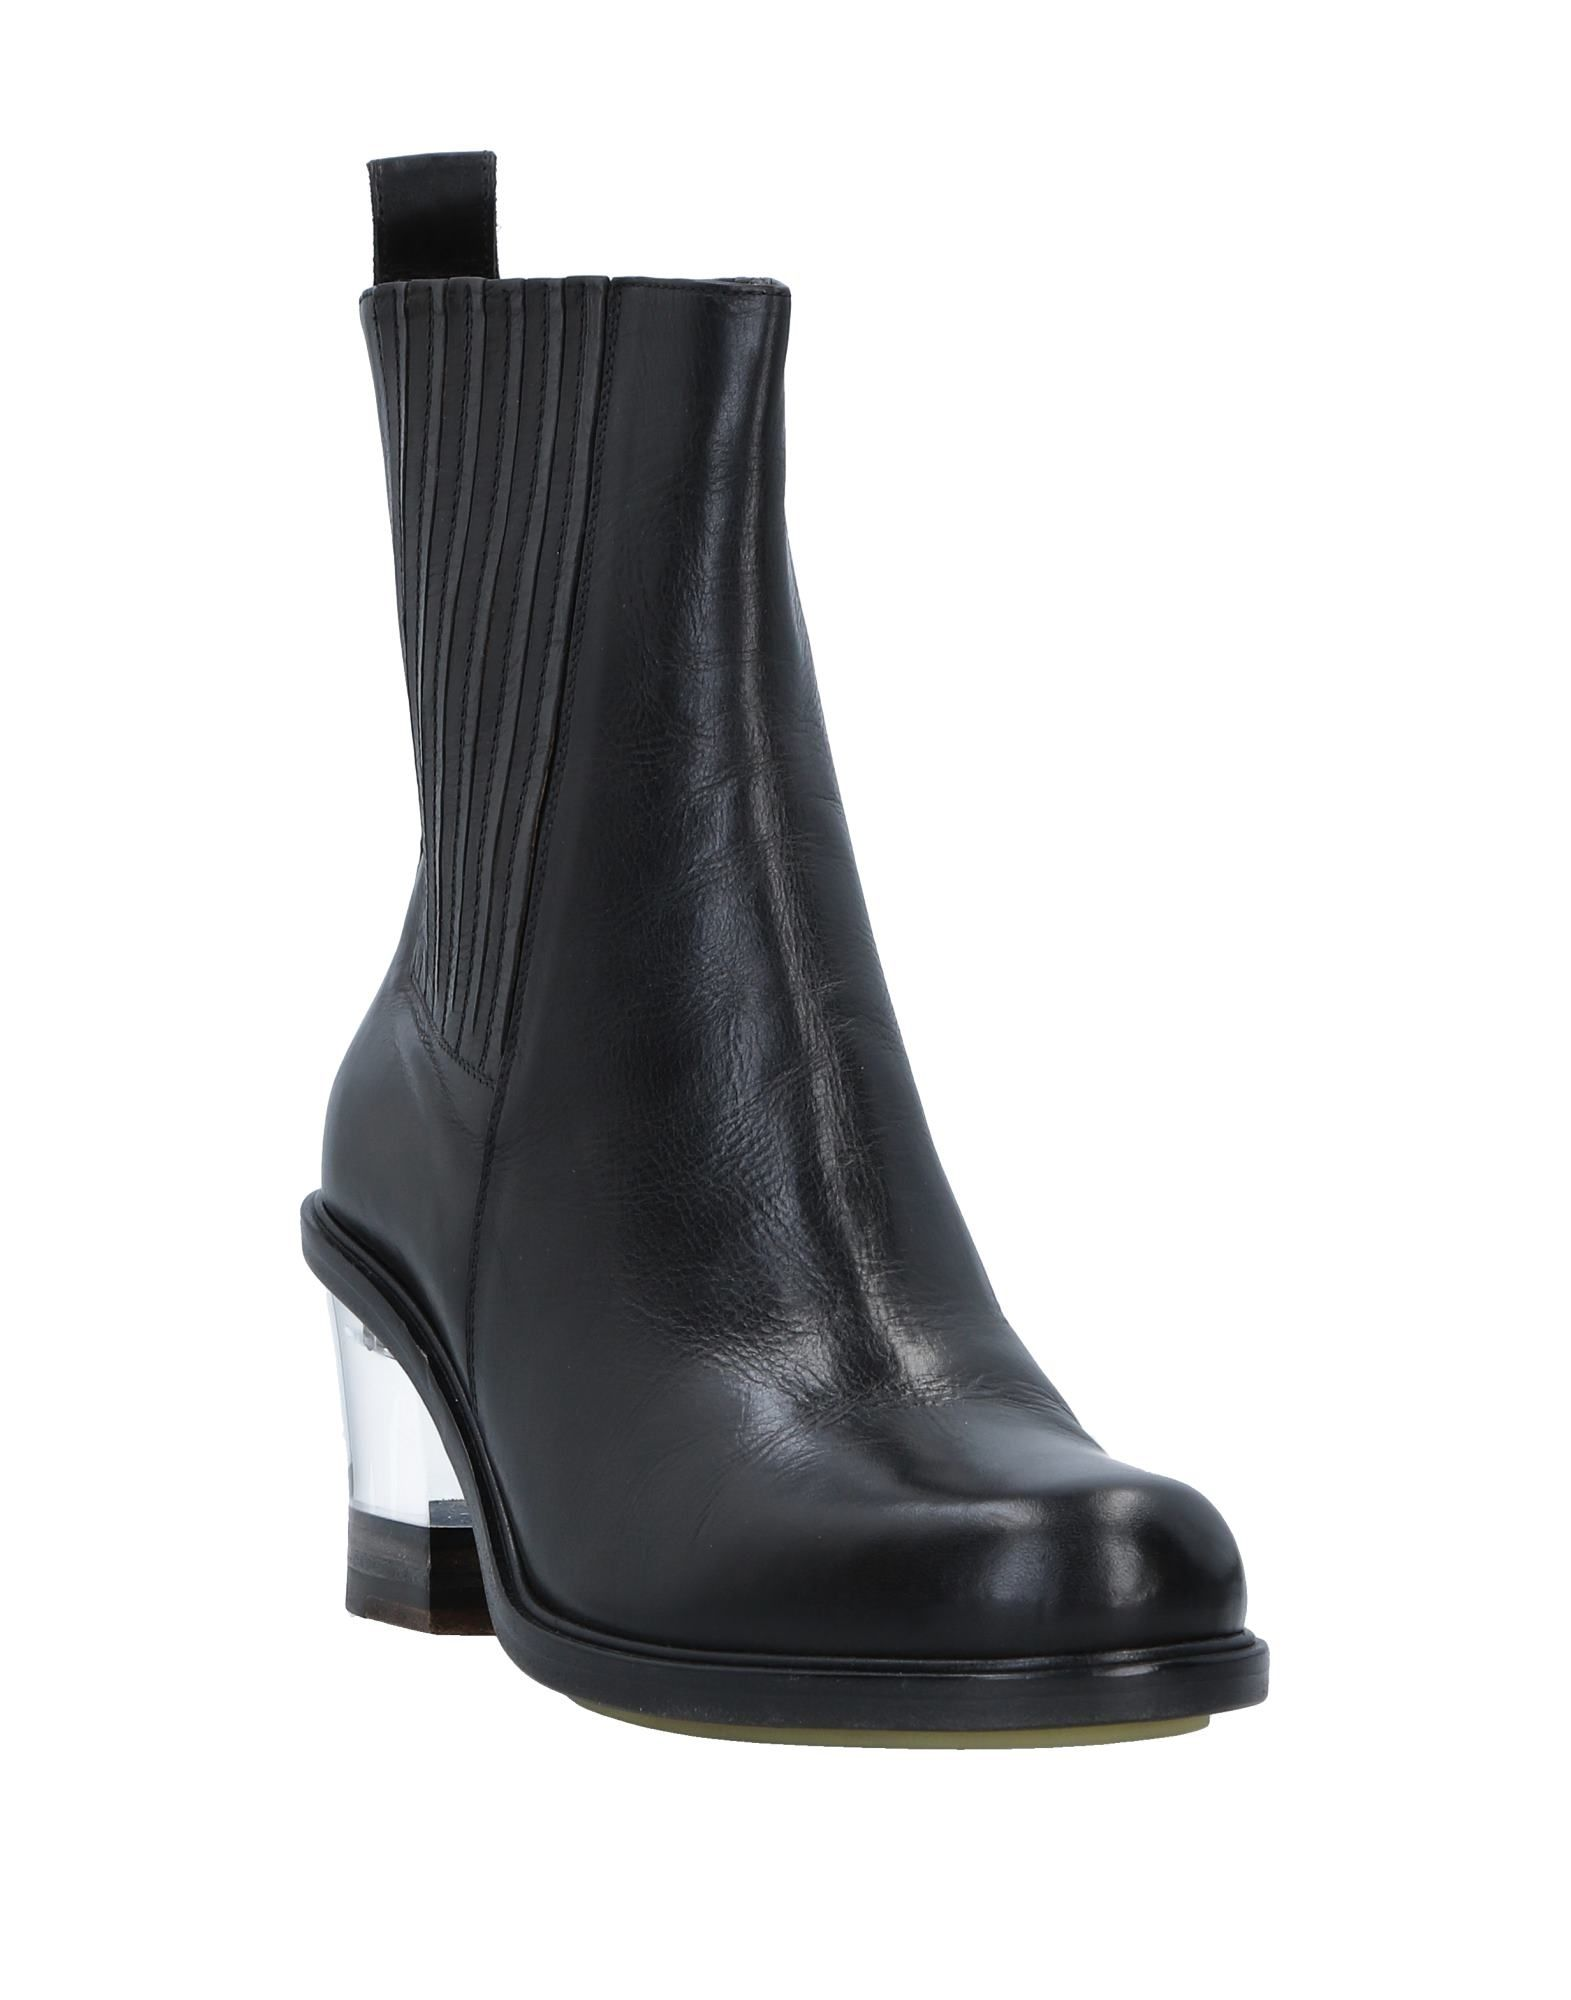 Premiata Stiefelette aussehende Damen  11529638GNGünstige gut aussehende Stiefelette Schuhe fc197a